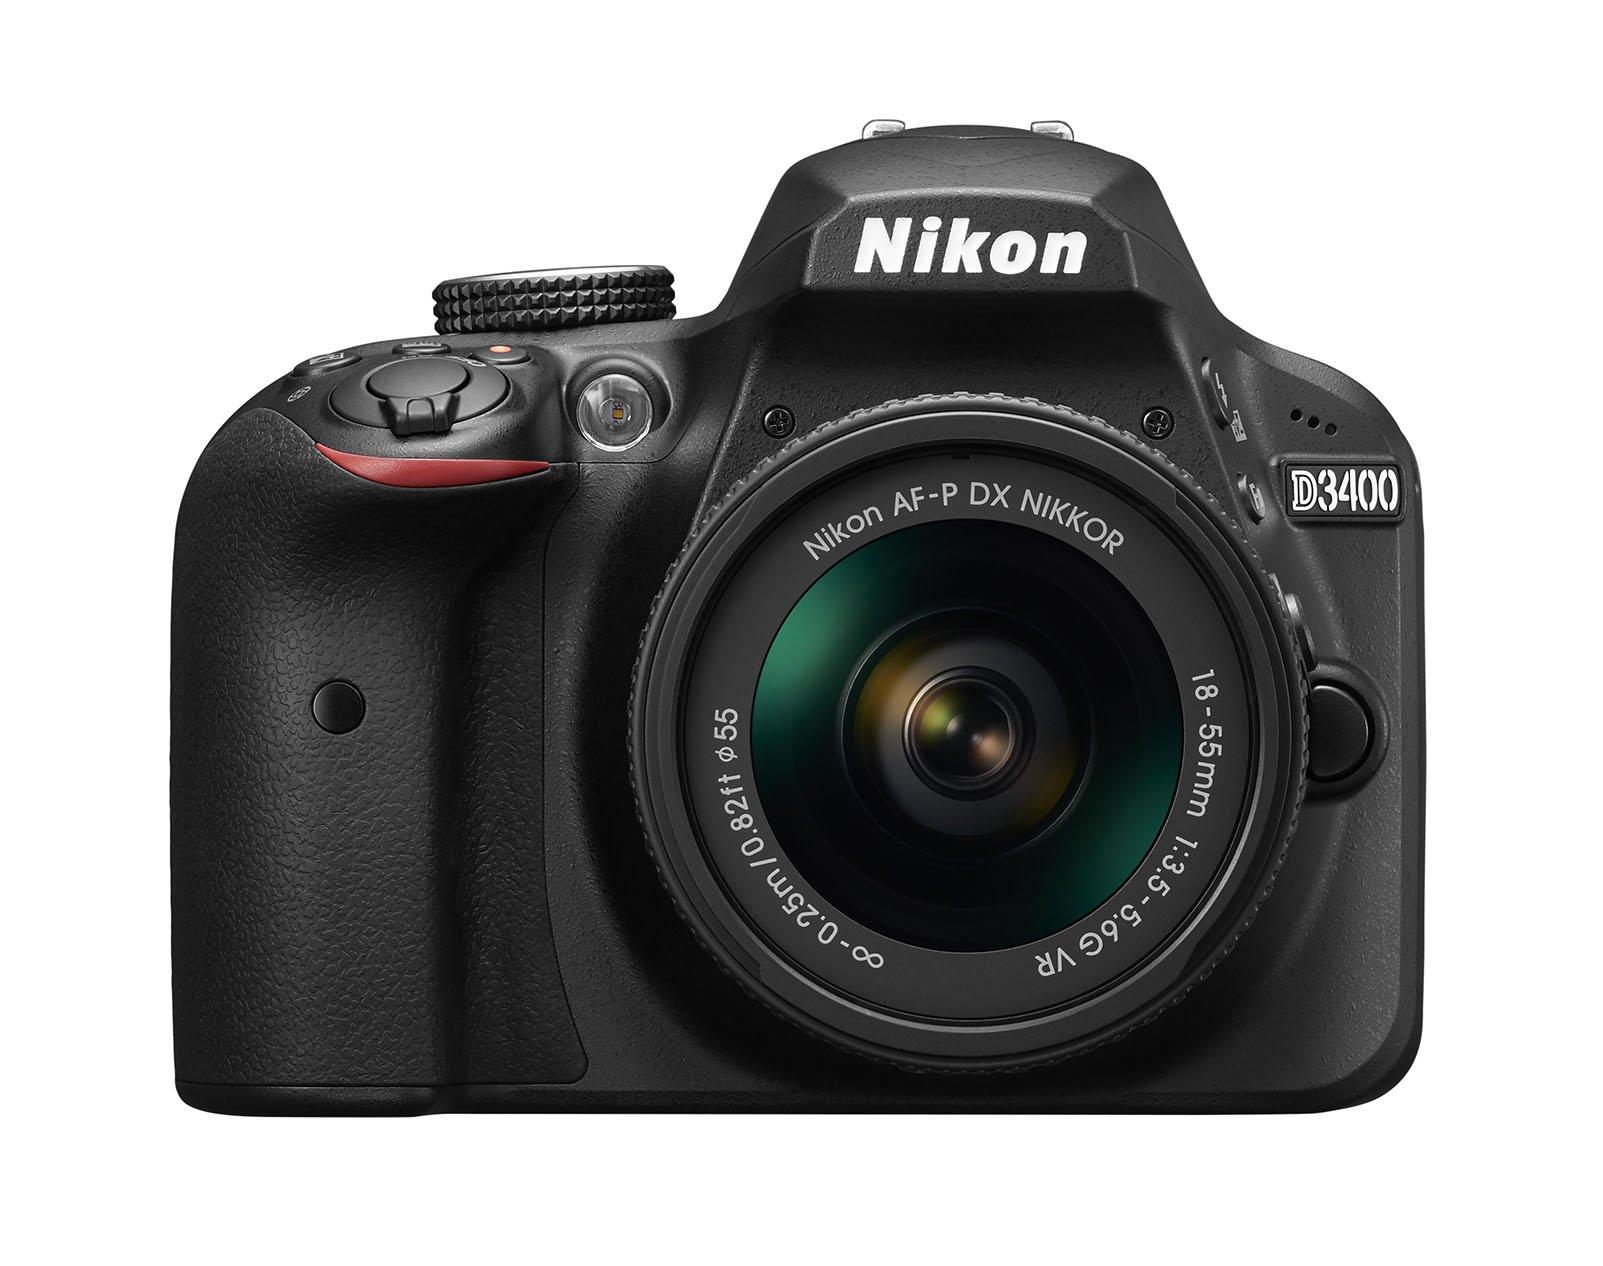 Nikon デジタル一眼レフカメラ D3400 AF-P 18-55 VR レンズキット ブラック D3400LKBK product image